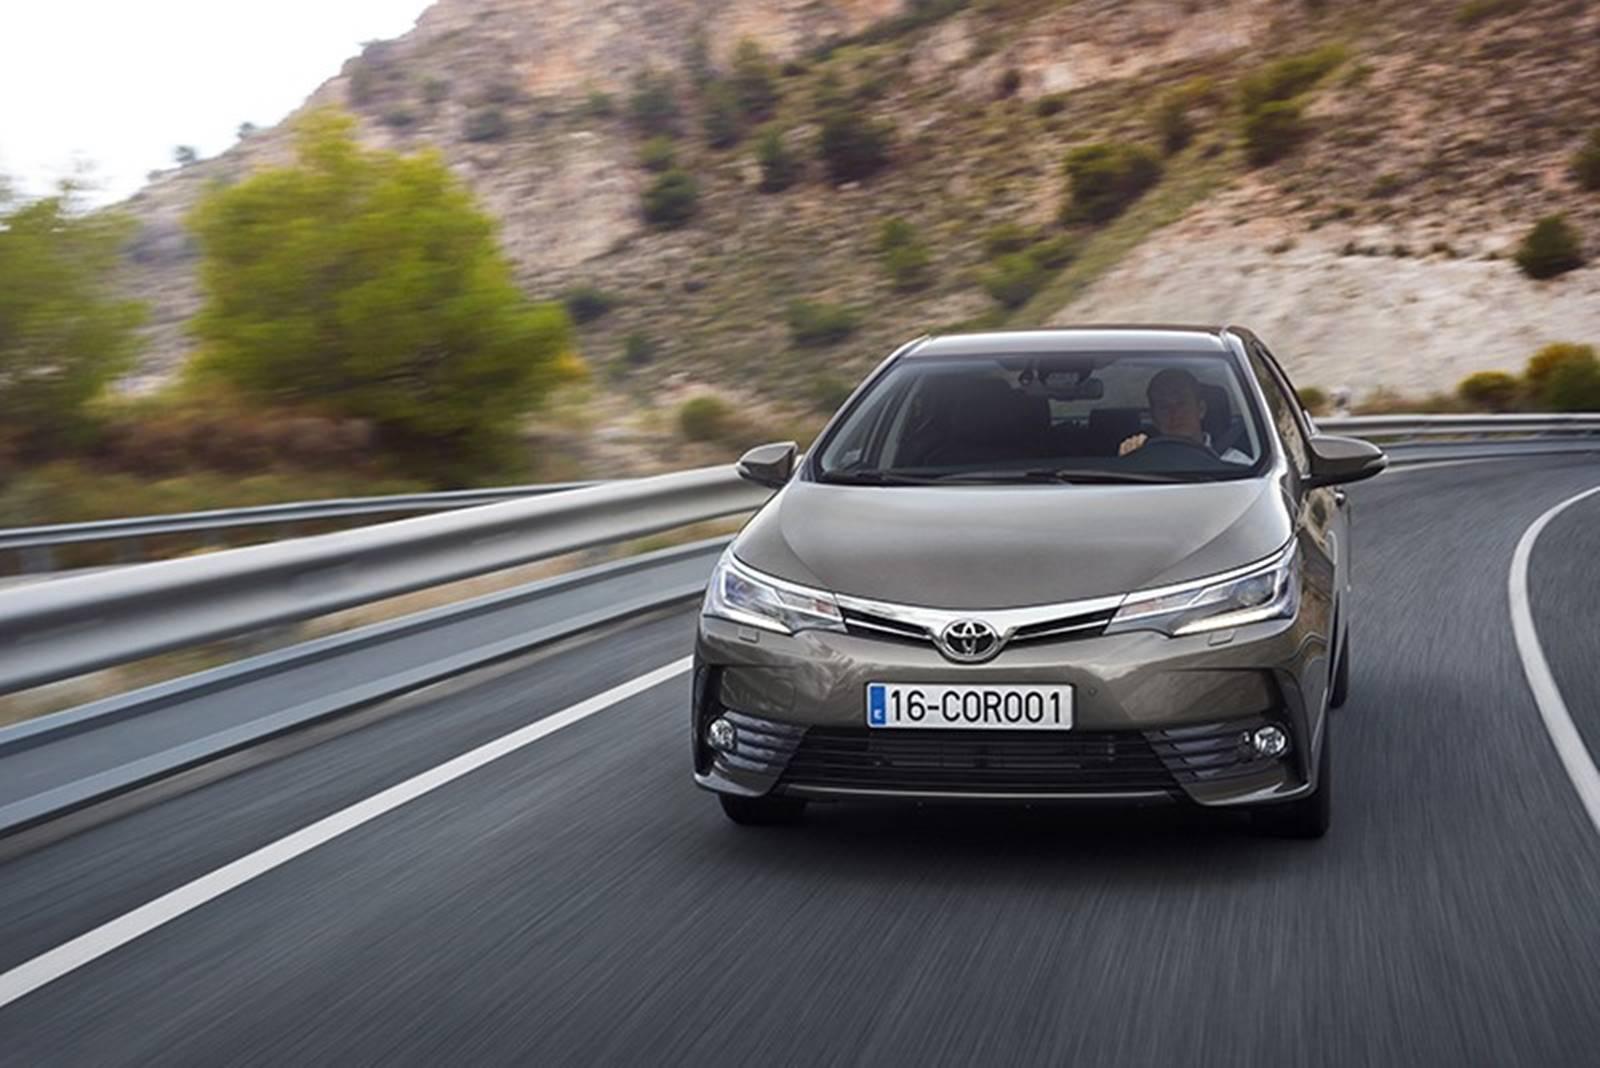 Novo Corolla 2018 em seu novo visual | Autos Novos